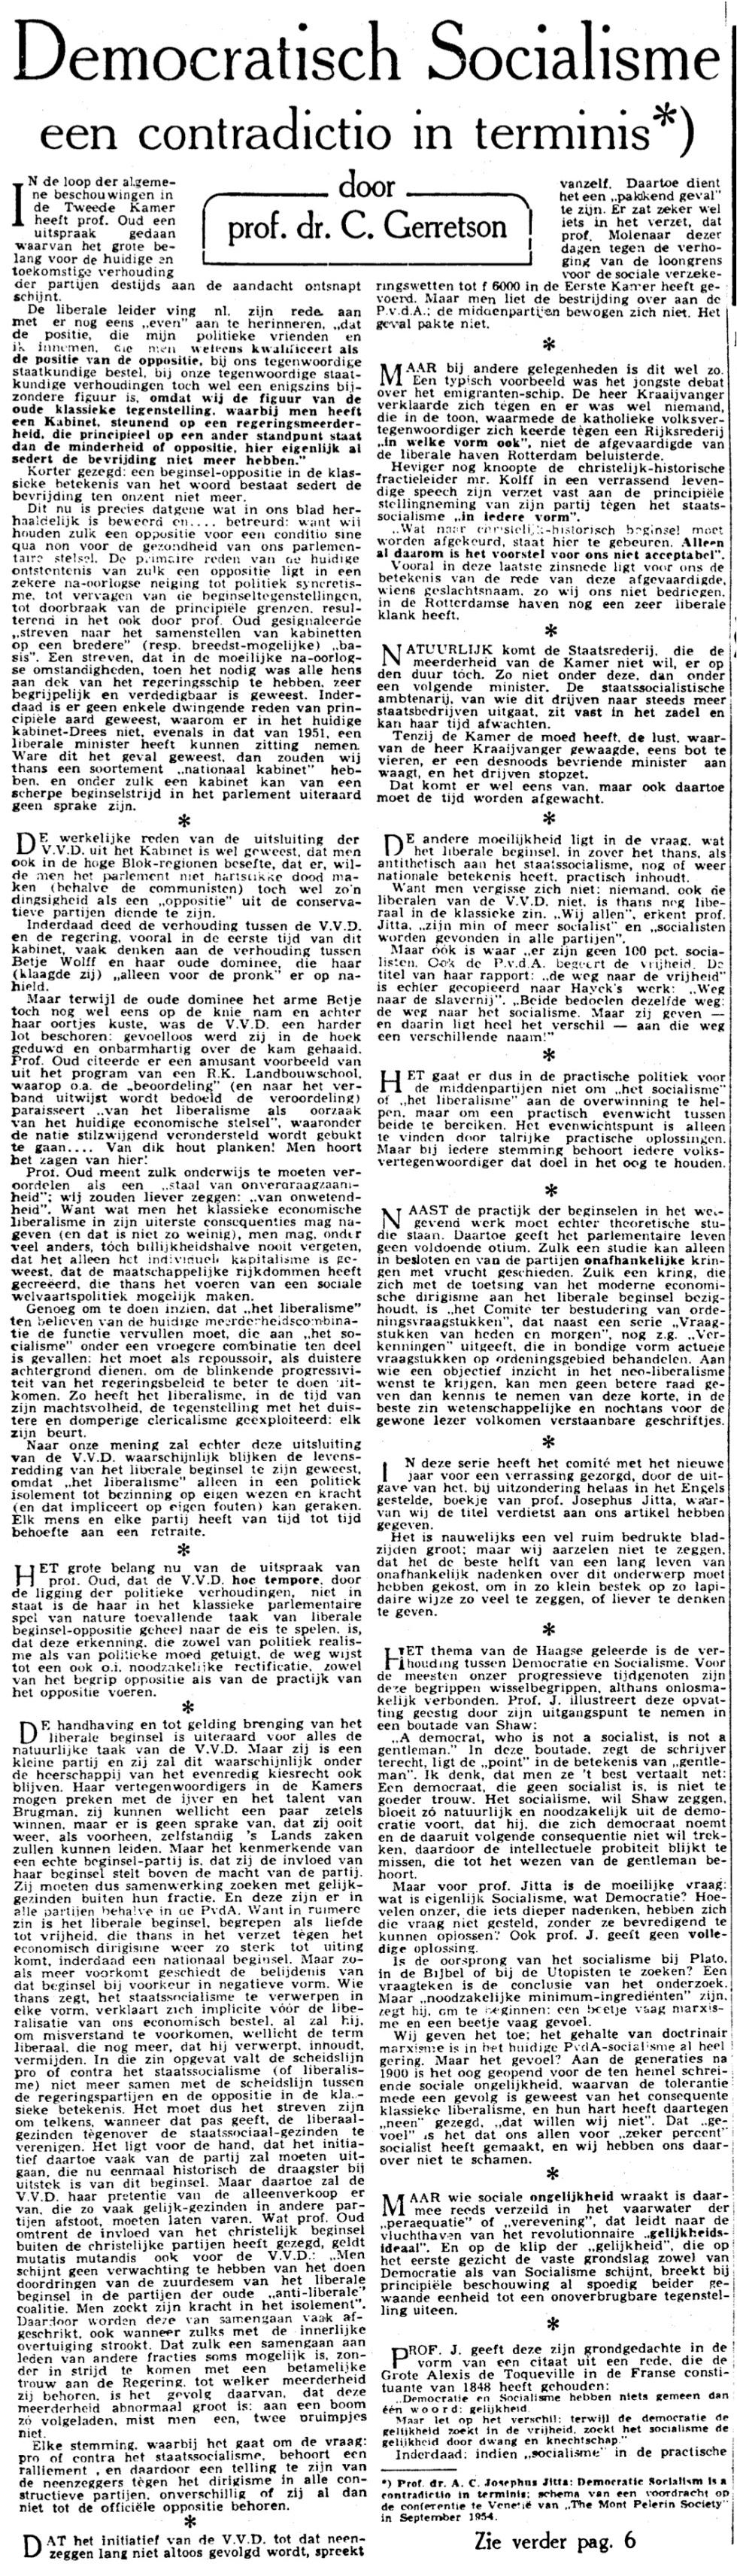 MPS lezing Telegraaf 15-01-1955